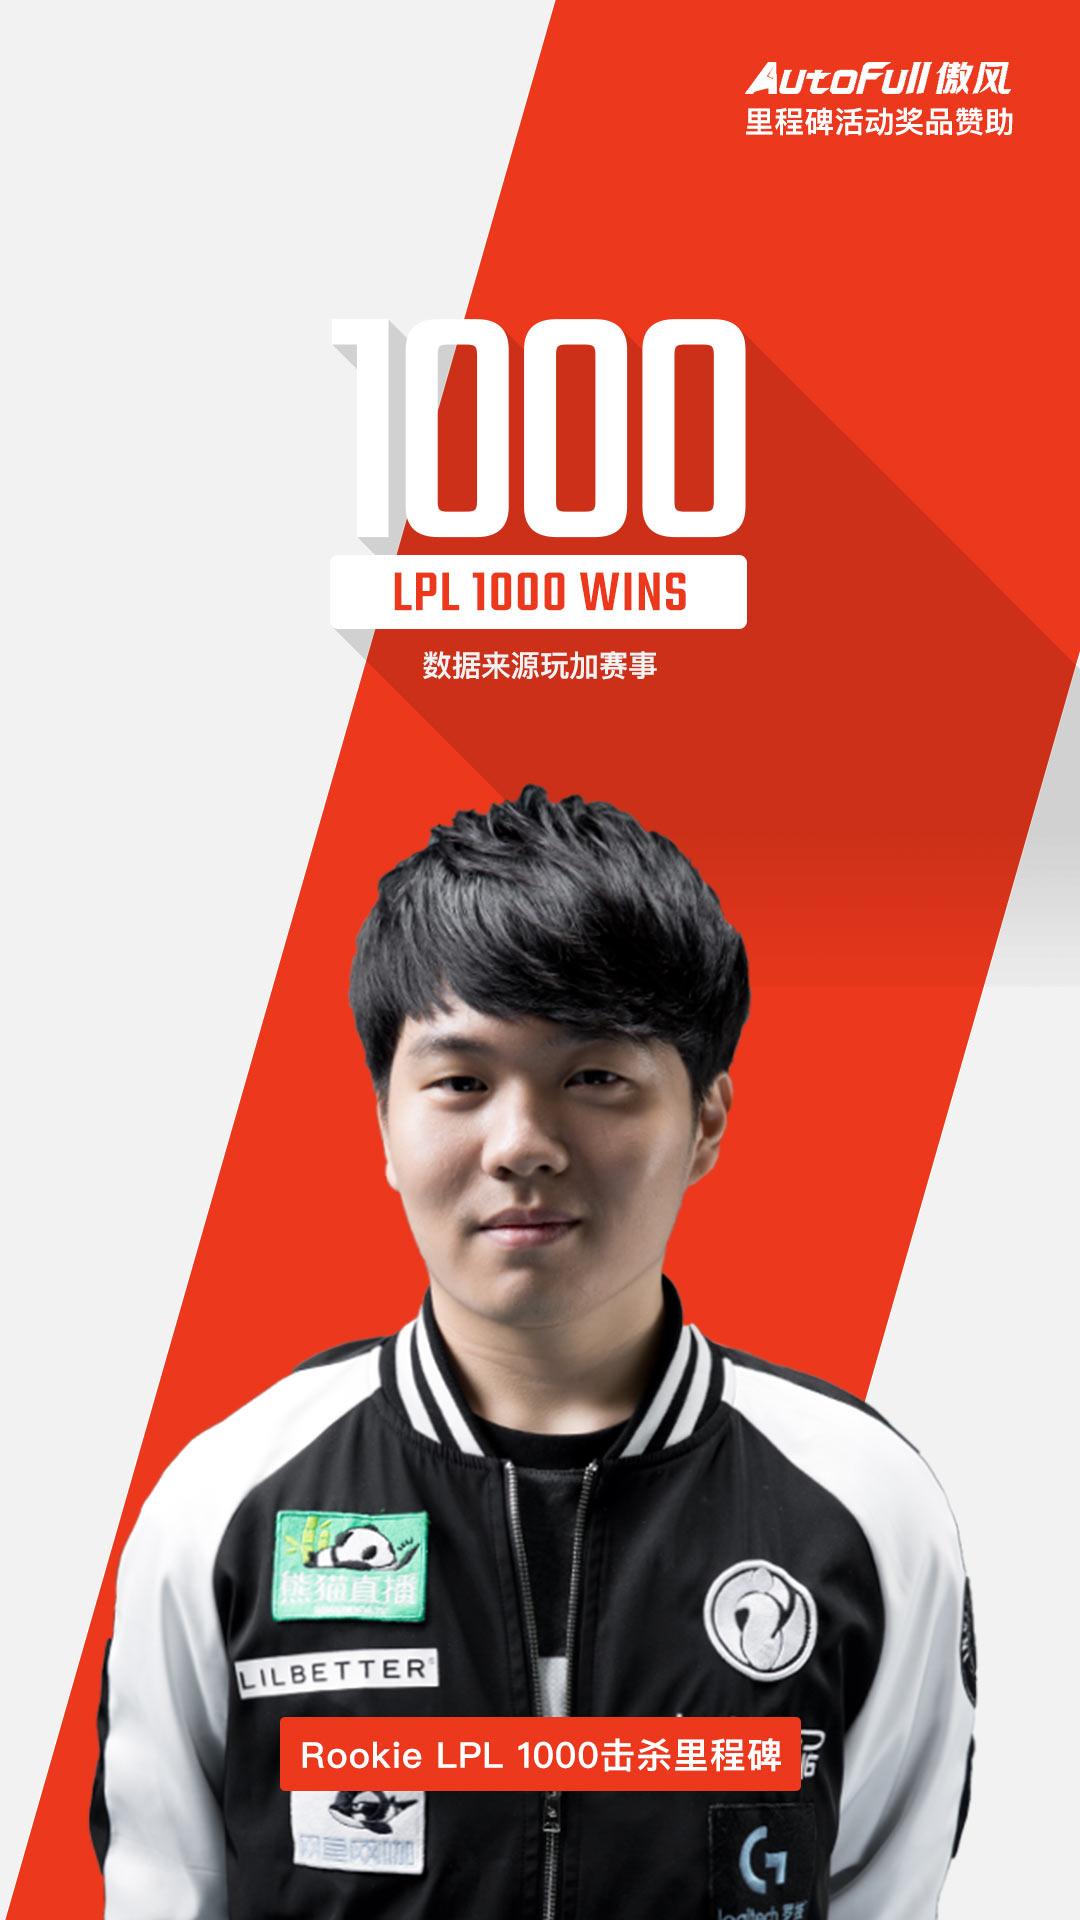 Rookie成为LPL总击杀排名!第九 1000的选手